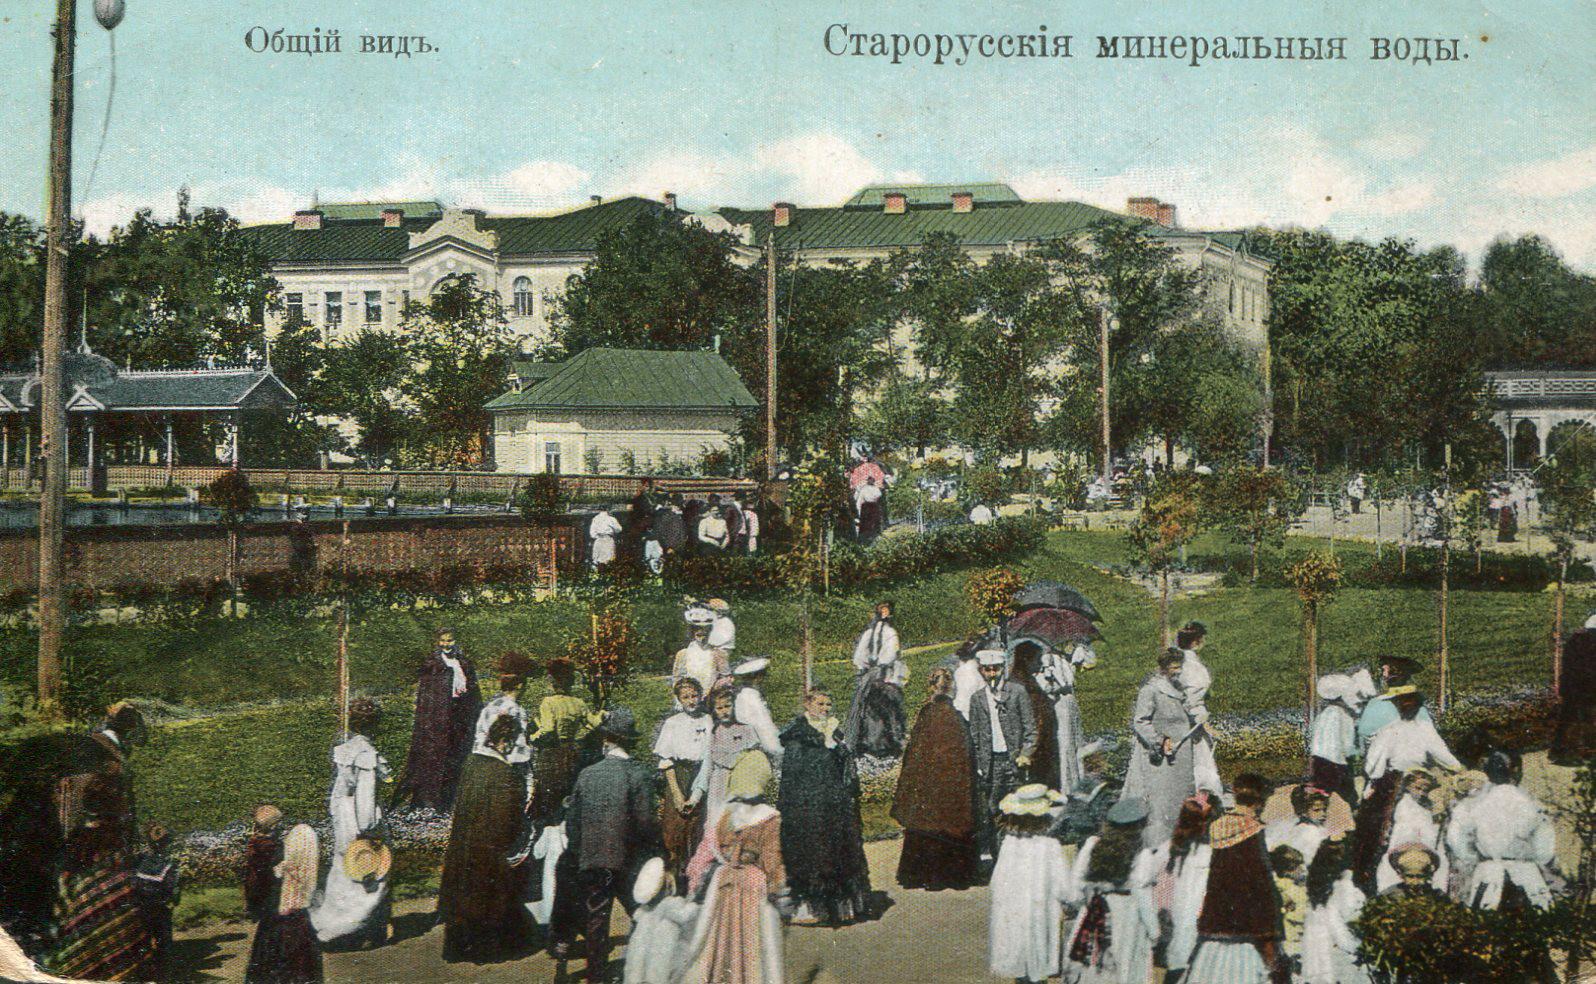 Старорусские минеральные воды. Общий вид